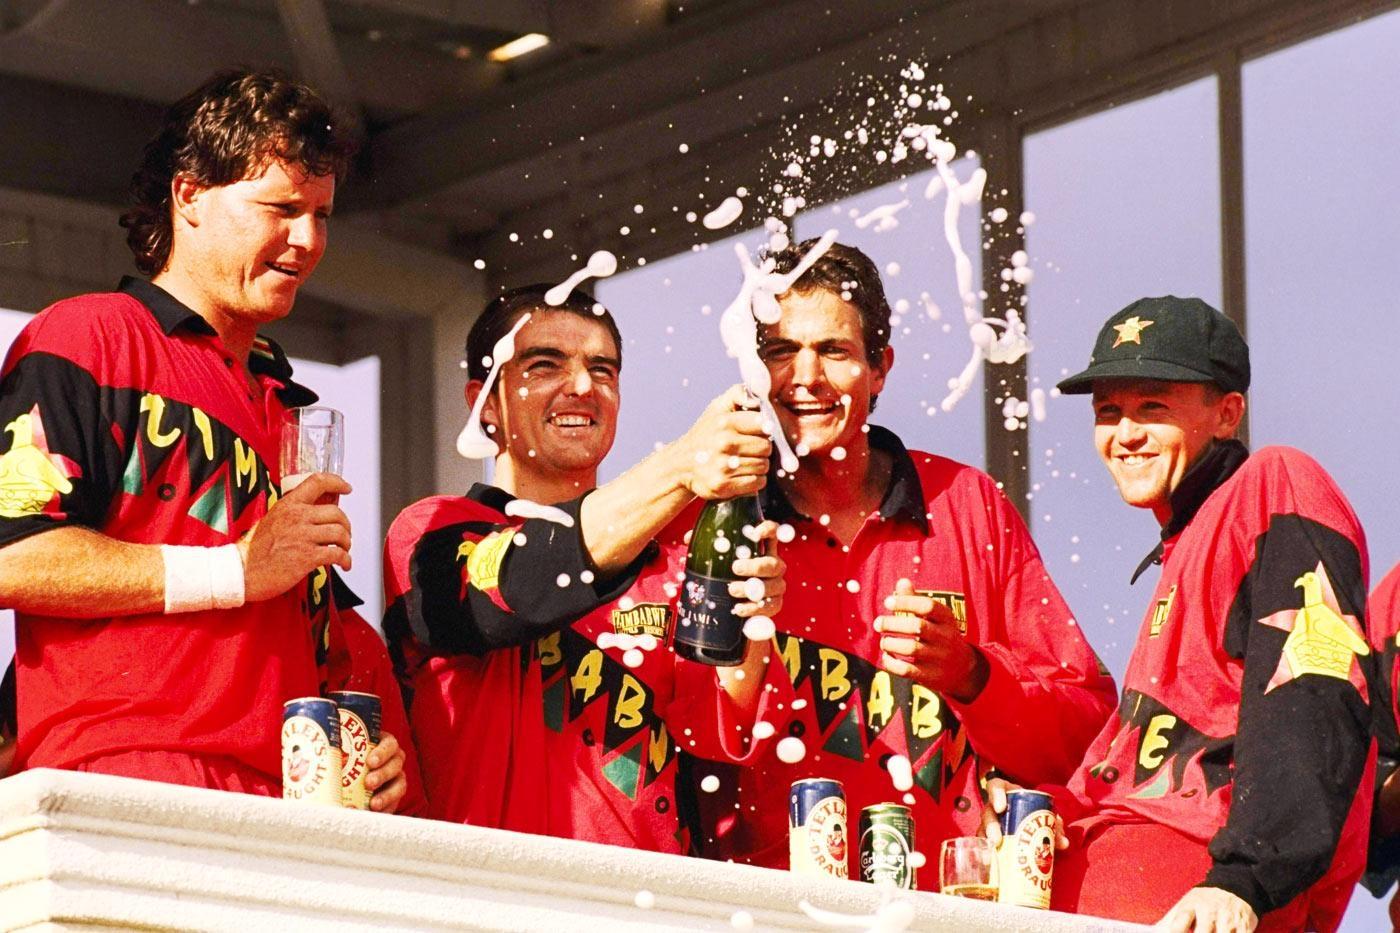 1997 இங்கிலாந்து - ஜிம்பாப்வே கிரிக்கெட் தொடர்